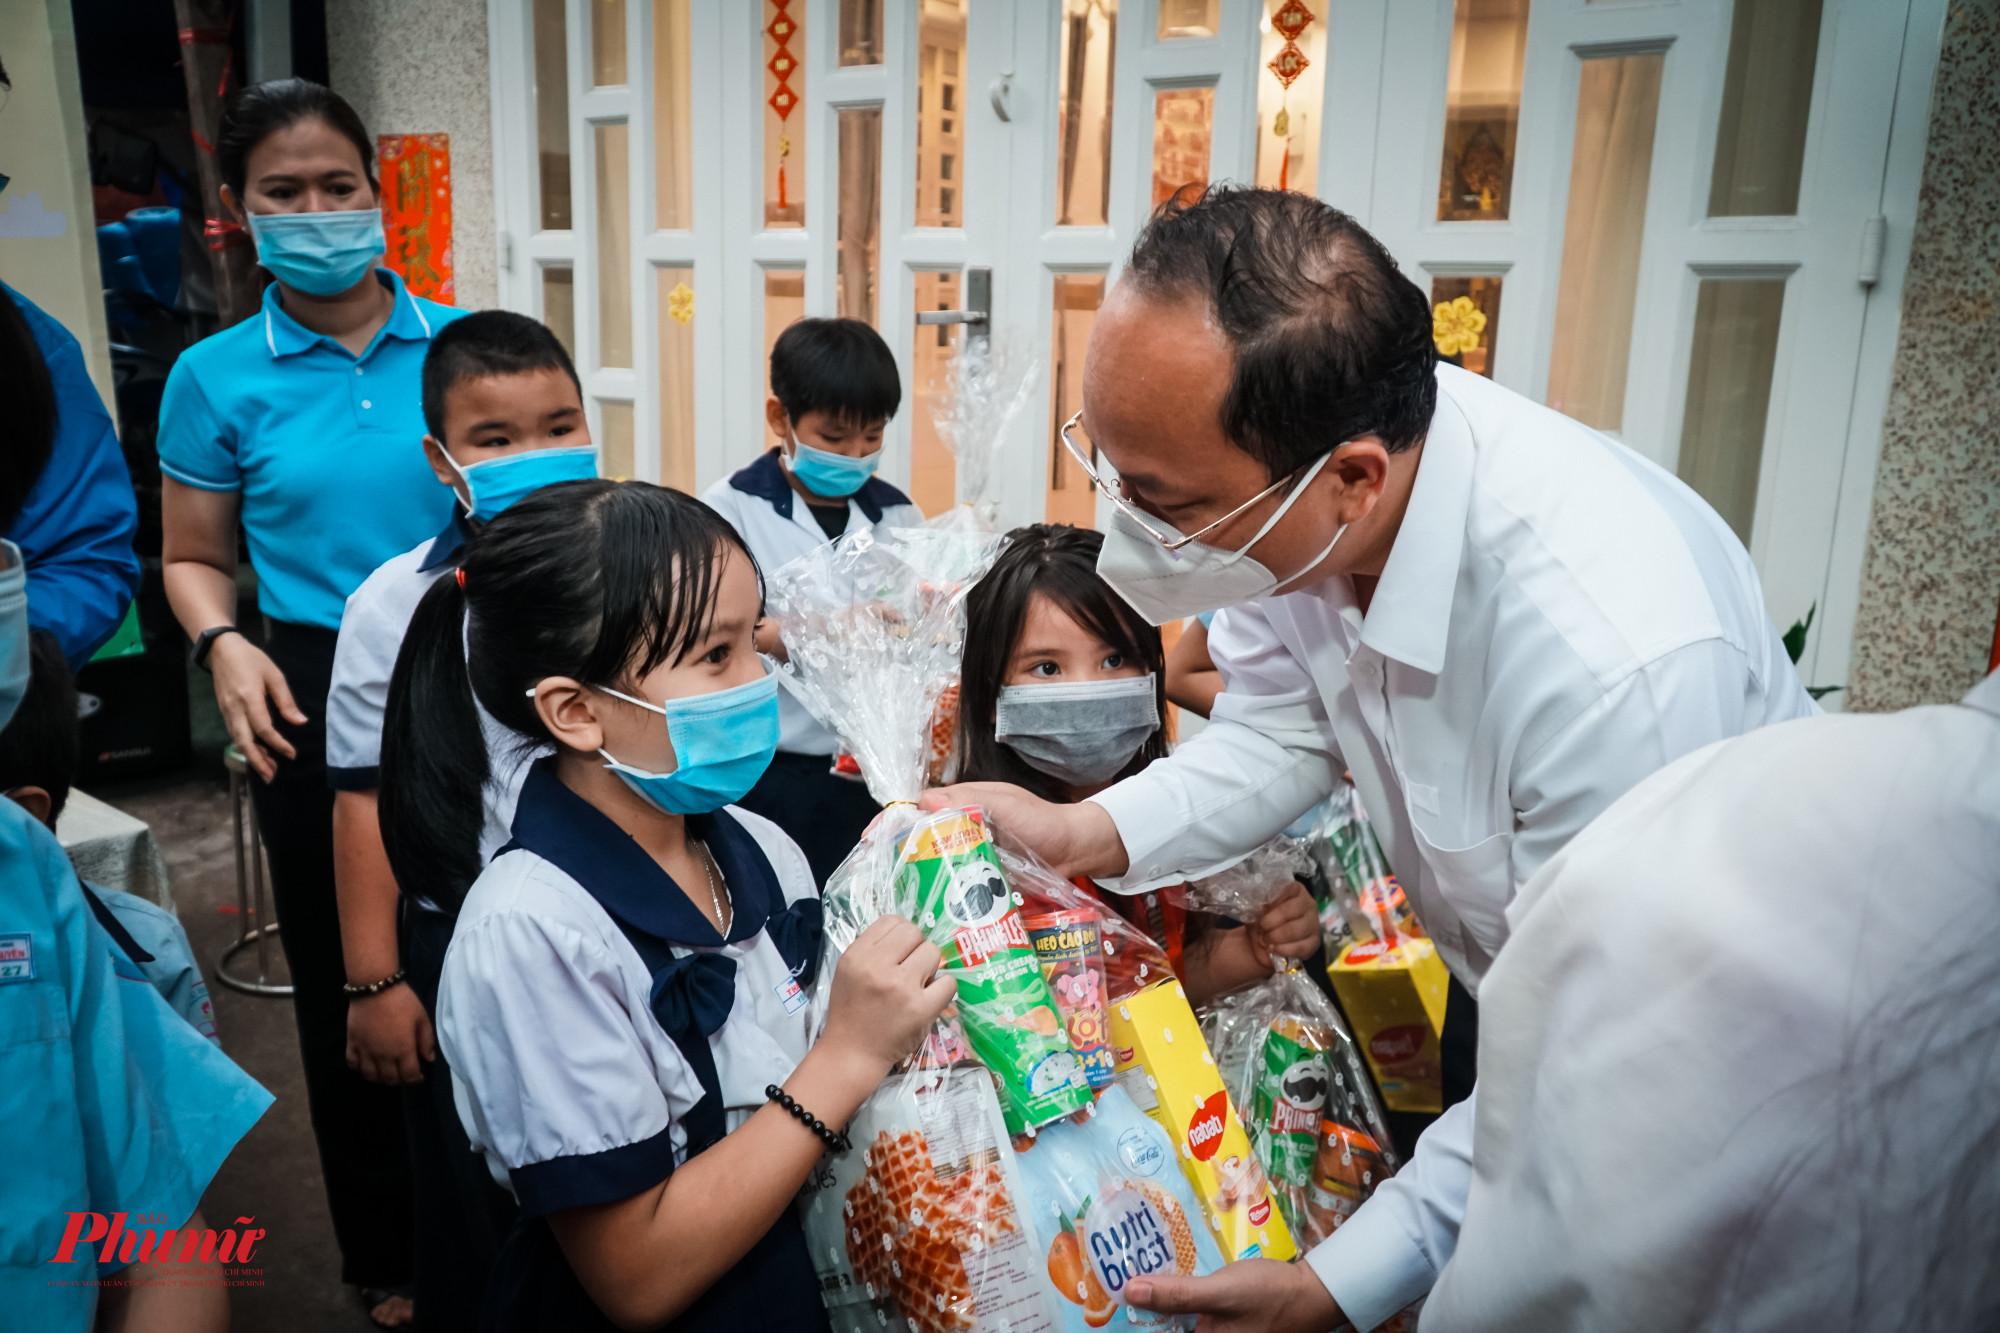 Trước đó, ngày 19/5,ông Nguyễn Hồ Hải - Phó Bí thư Thành ủy TPHCM cũng đã dẫn đầu Đoàn công tác đến kiểm tra các chốt và tặng quà cho các con em của công nhân có hoàn cảnh khó khăn trên địa bàn quận 11